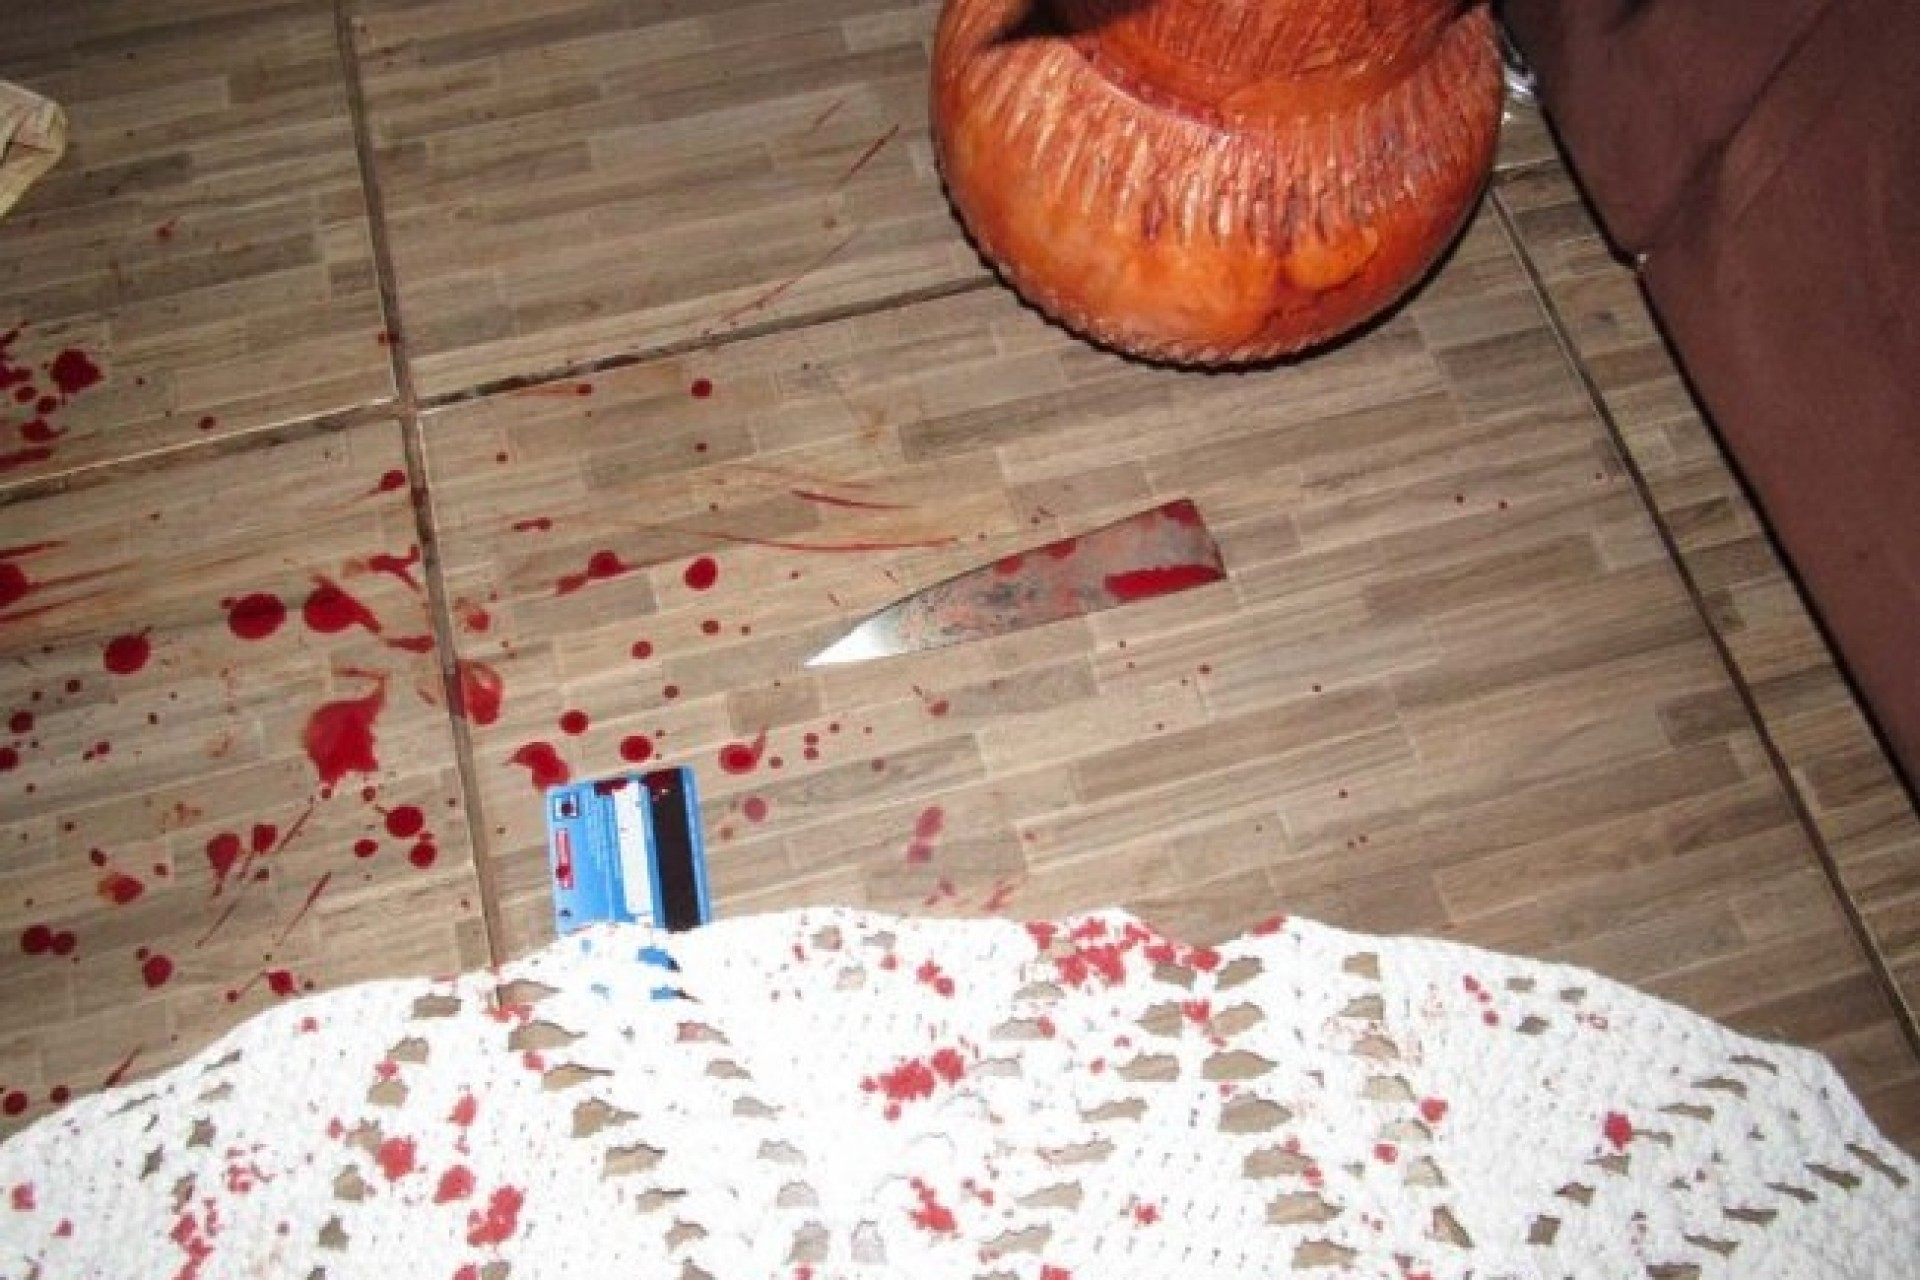 Mulher é esfaqueada pelo ex-marido após fim do relacionamento em Santa Helena